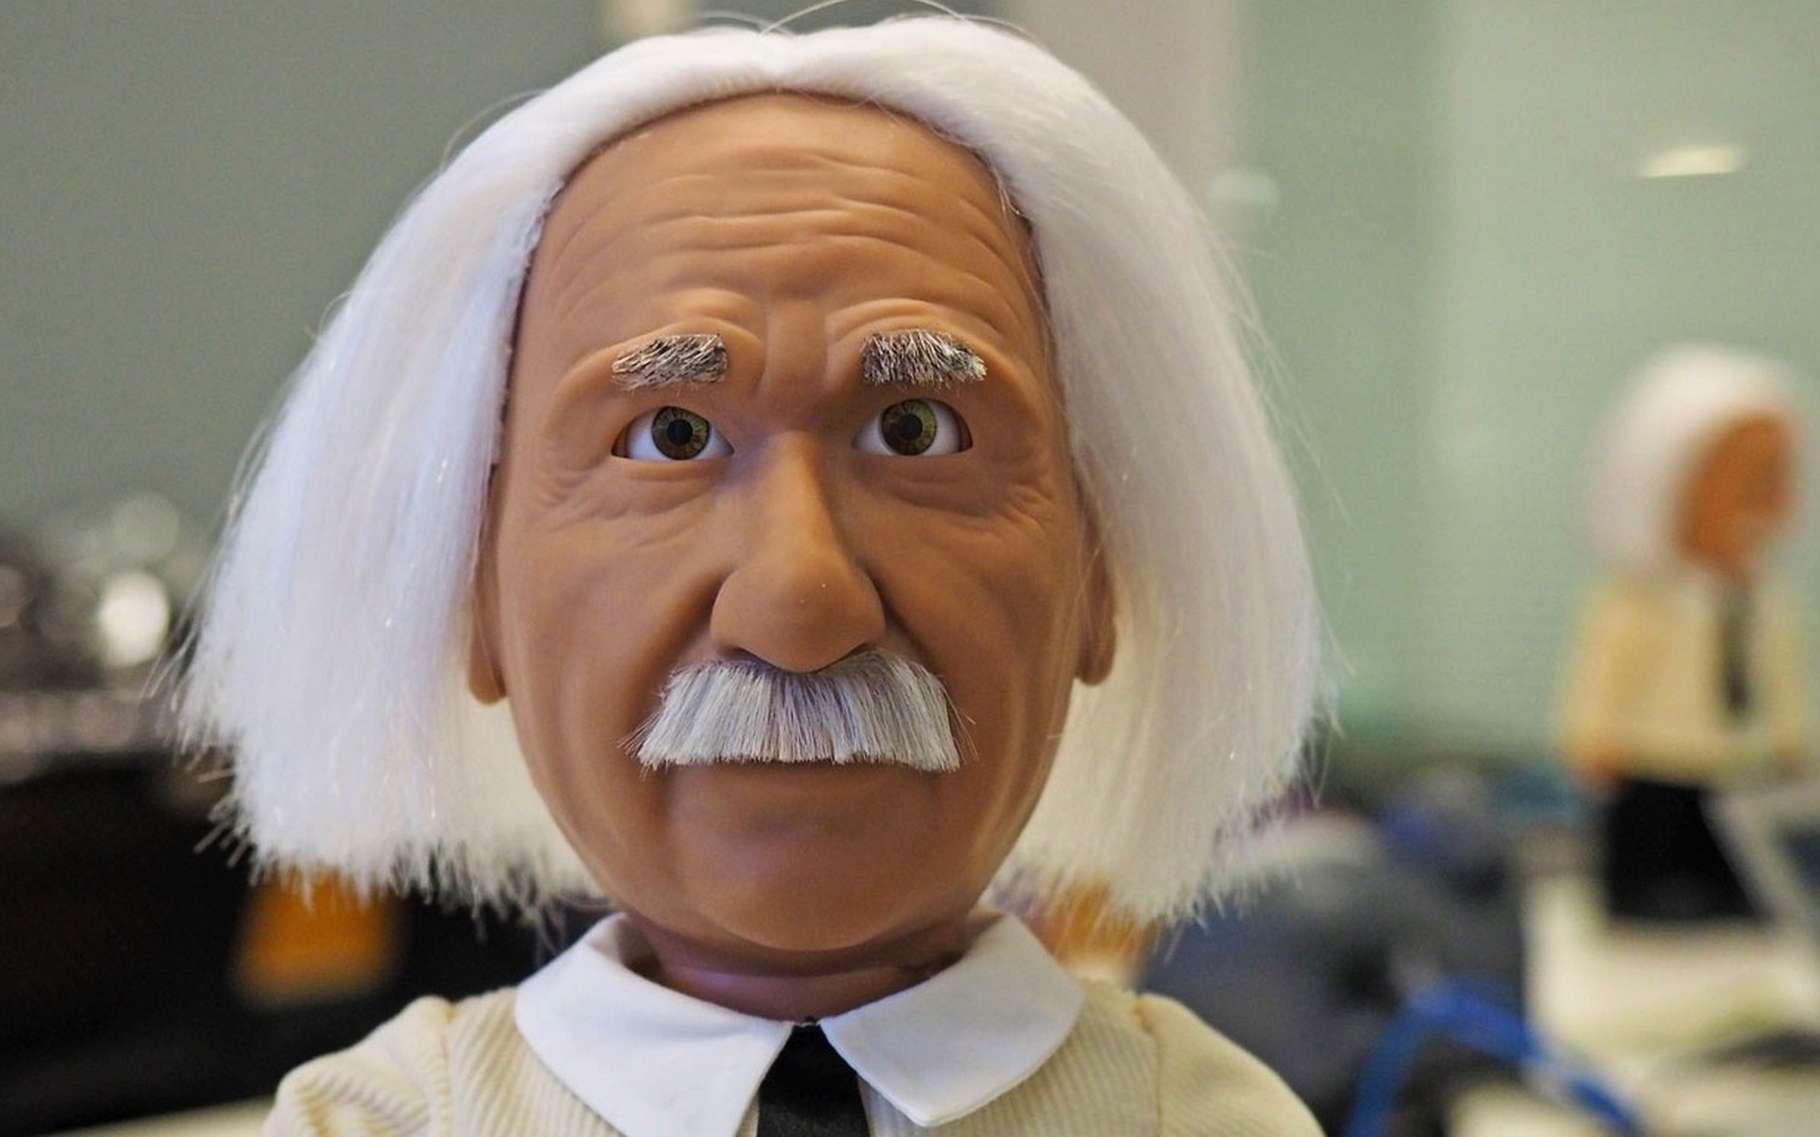 Conçu par Hanson Robotics, le « Professor Einstein » se veut à la fois un agent conversationnel pour les adultes et un outil éducatif pour les enfants. © Hanson Robotics